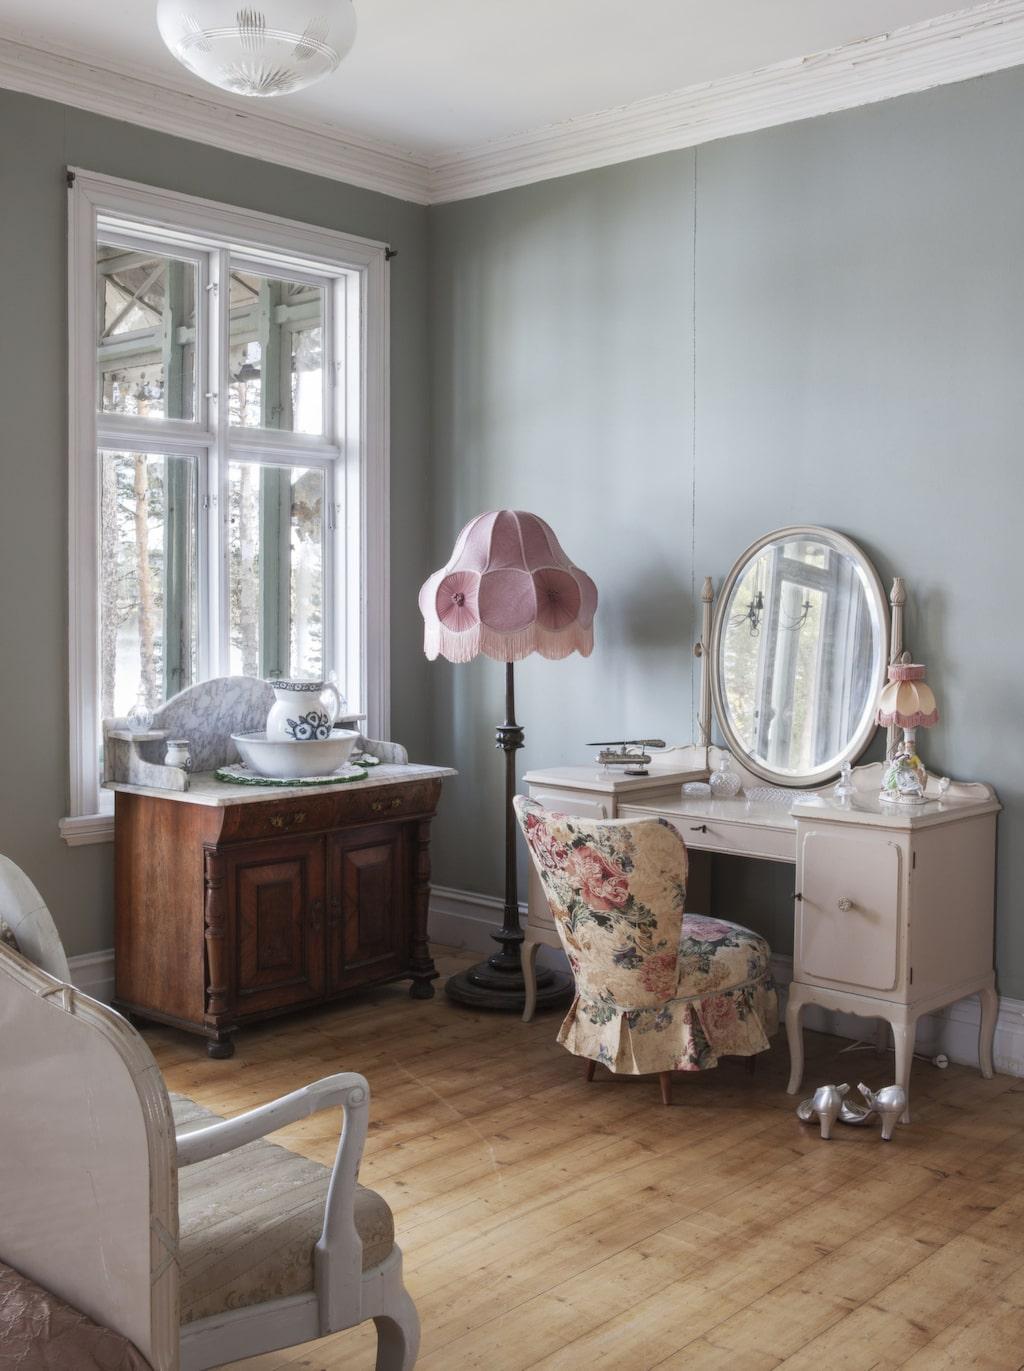 Romantiskt. Ett av sovrummen på ovanvåningen. Inredningen är gammal och möblerna påminner om svunna tider.